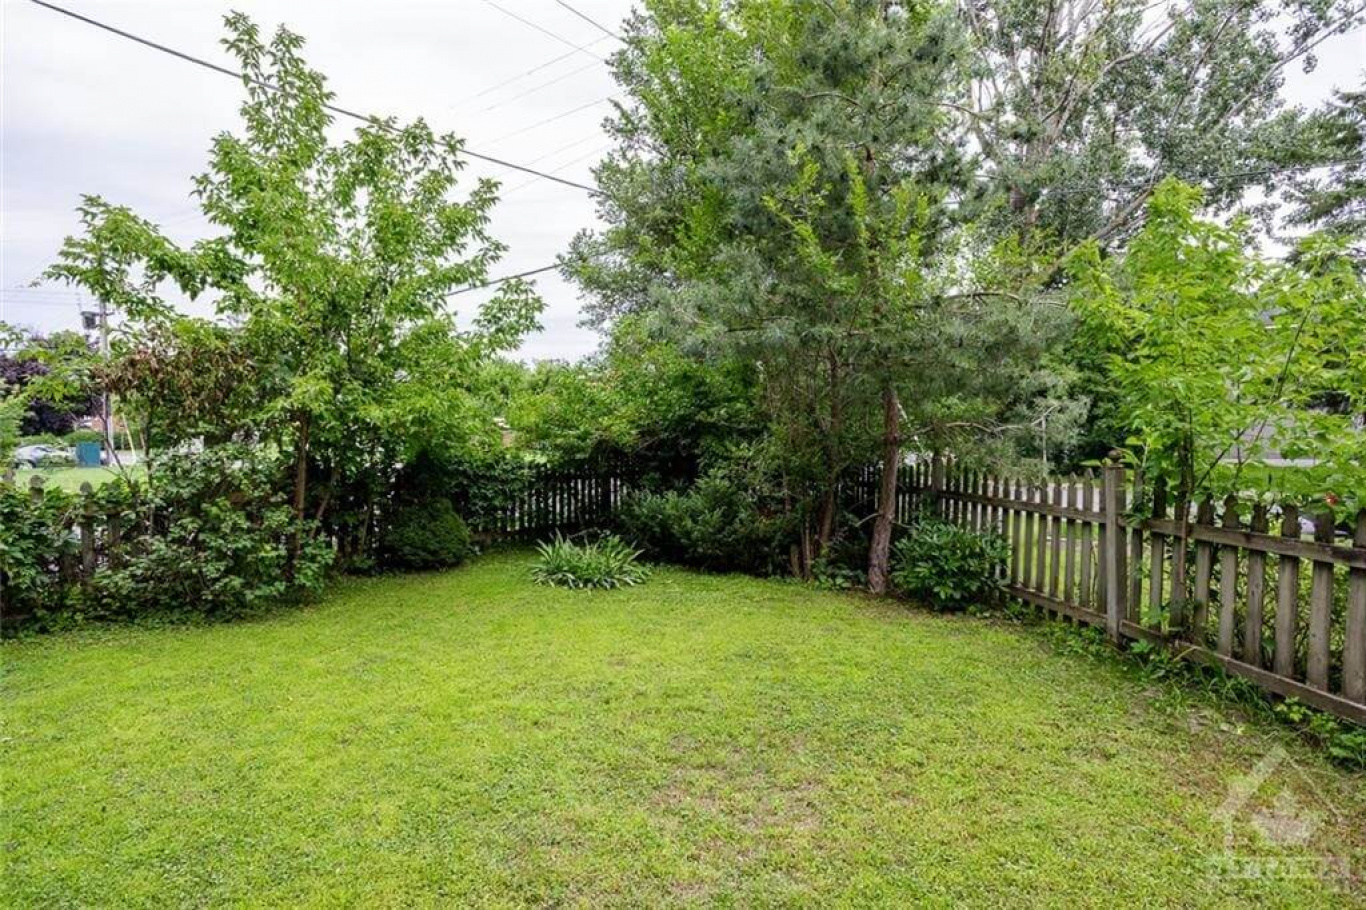 1284 Trenton Ave, Ottawa, Ontario K1Z 8K1, 2 Bedrooms Bedrooms, ,1 BathroomBathrooms,Villa,For Sale,Trenton Ave,1018